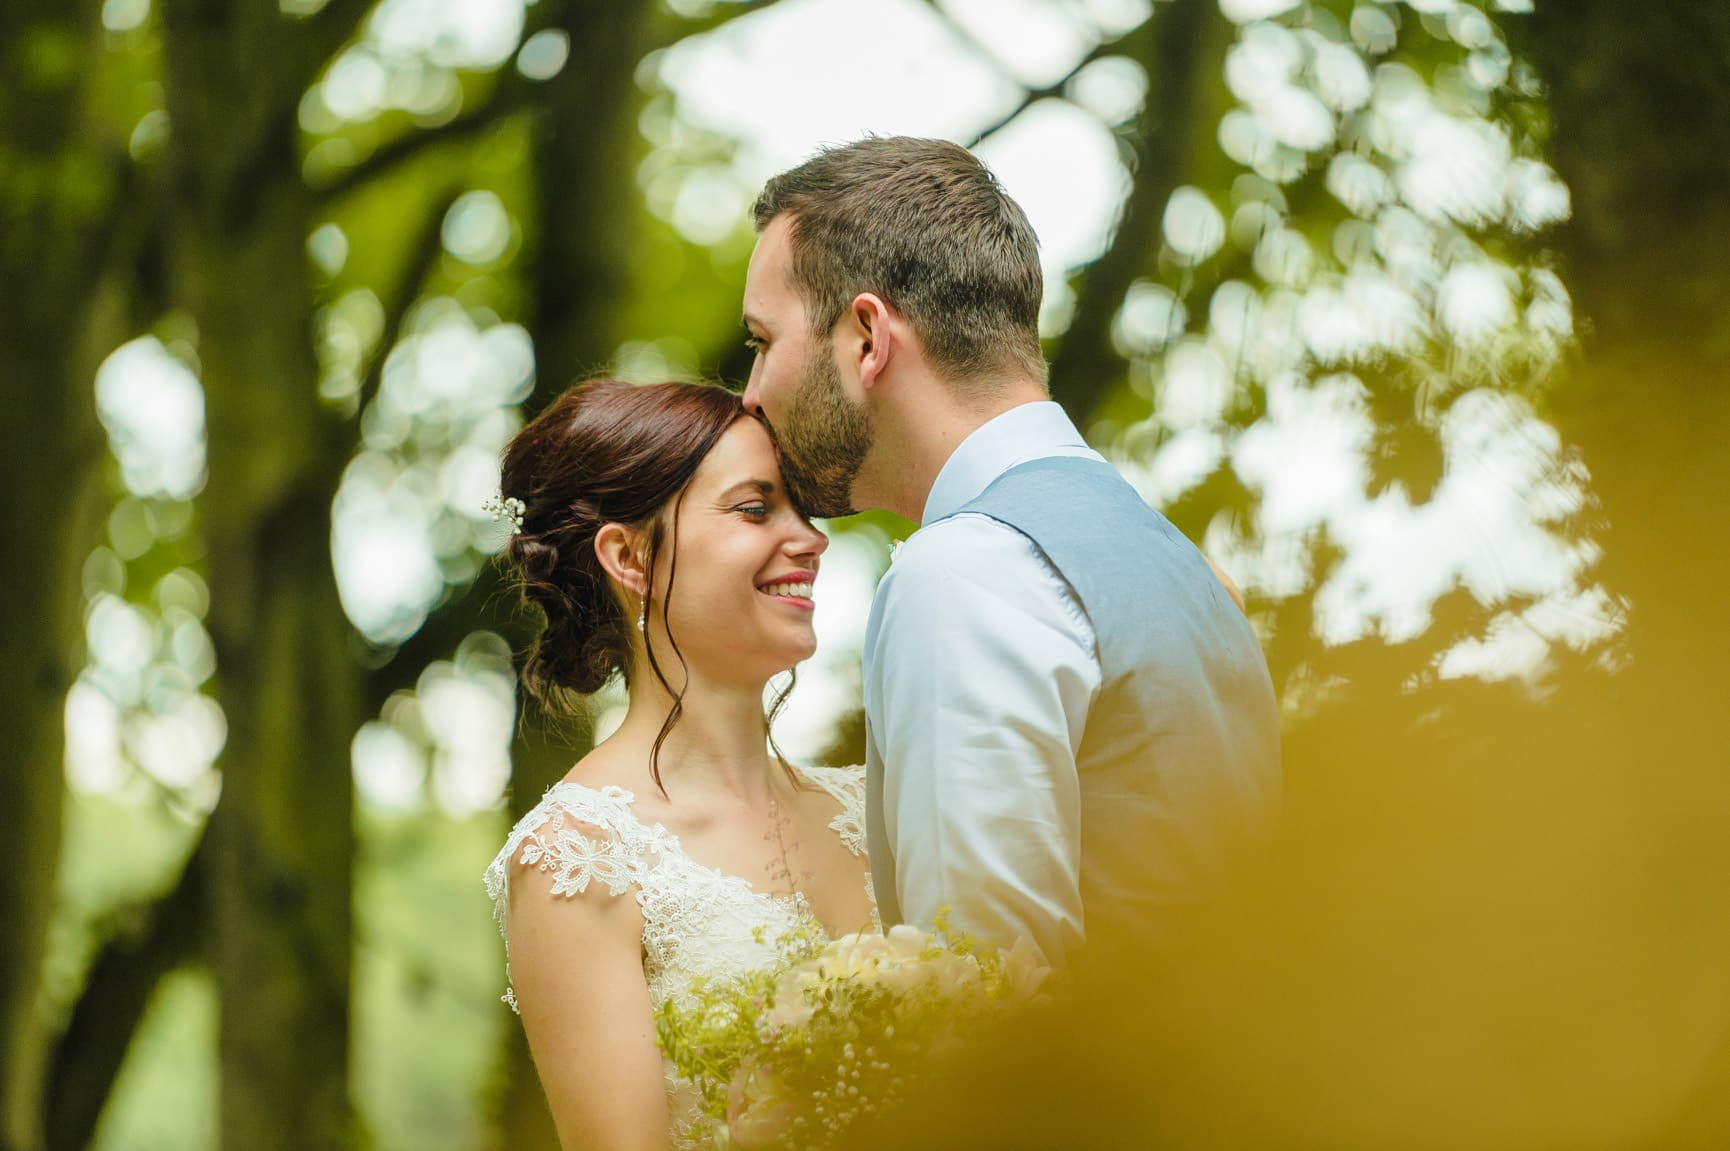 Fforest Wedding, Cardigan, Wales - Lauren and Gareth 185